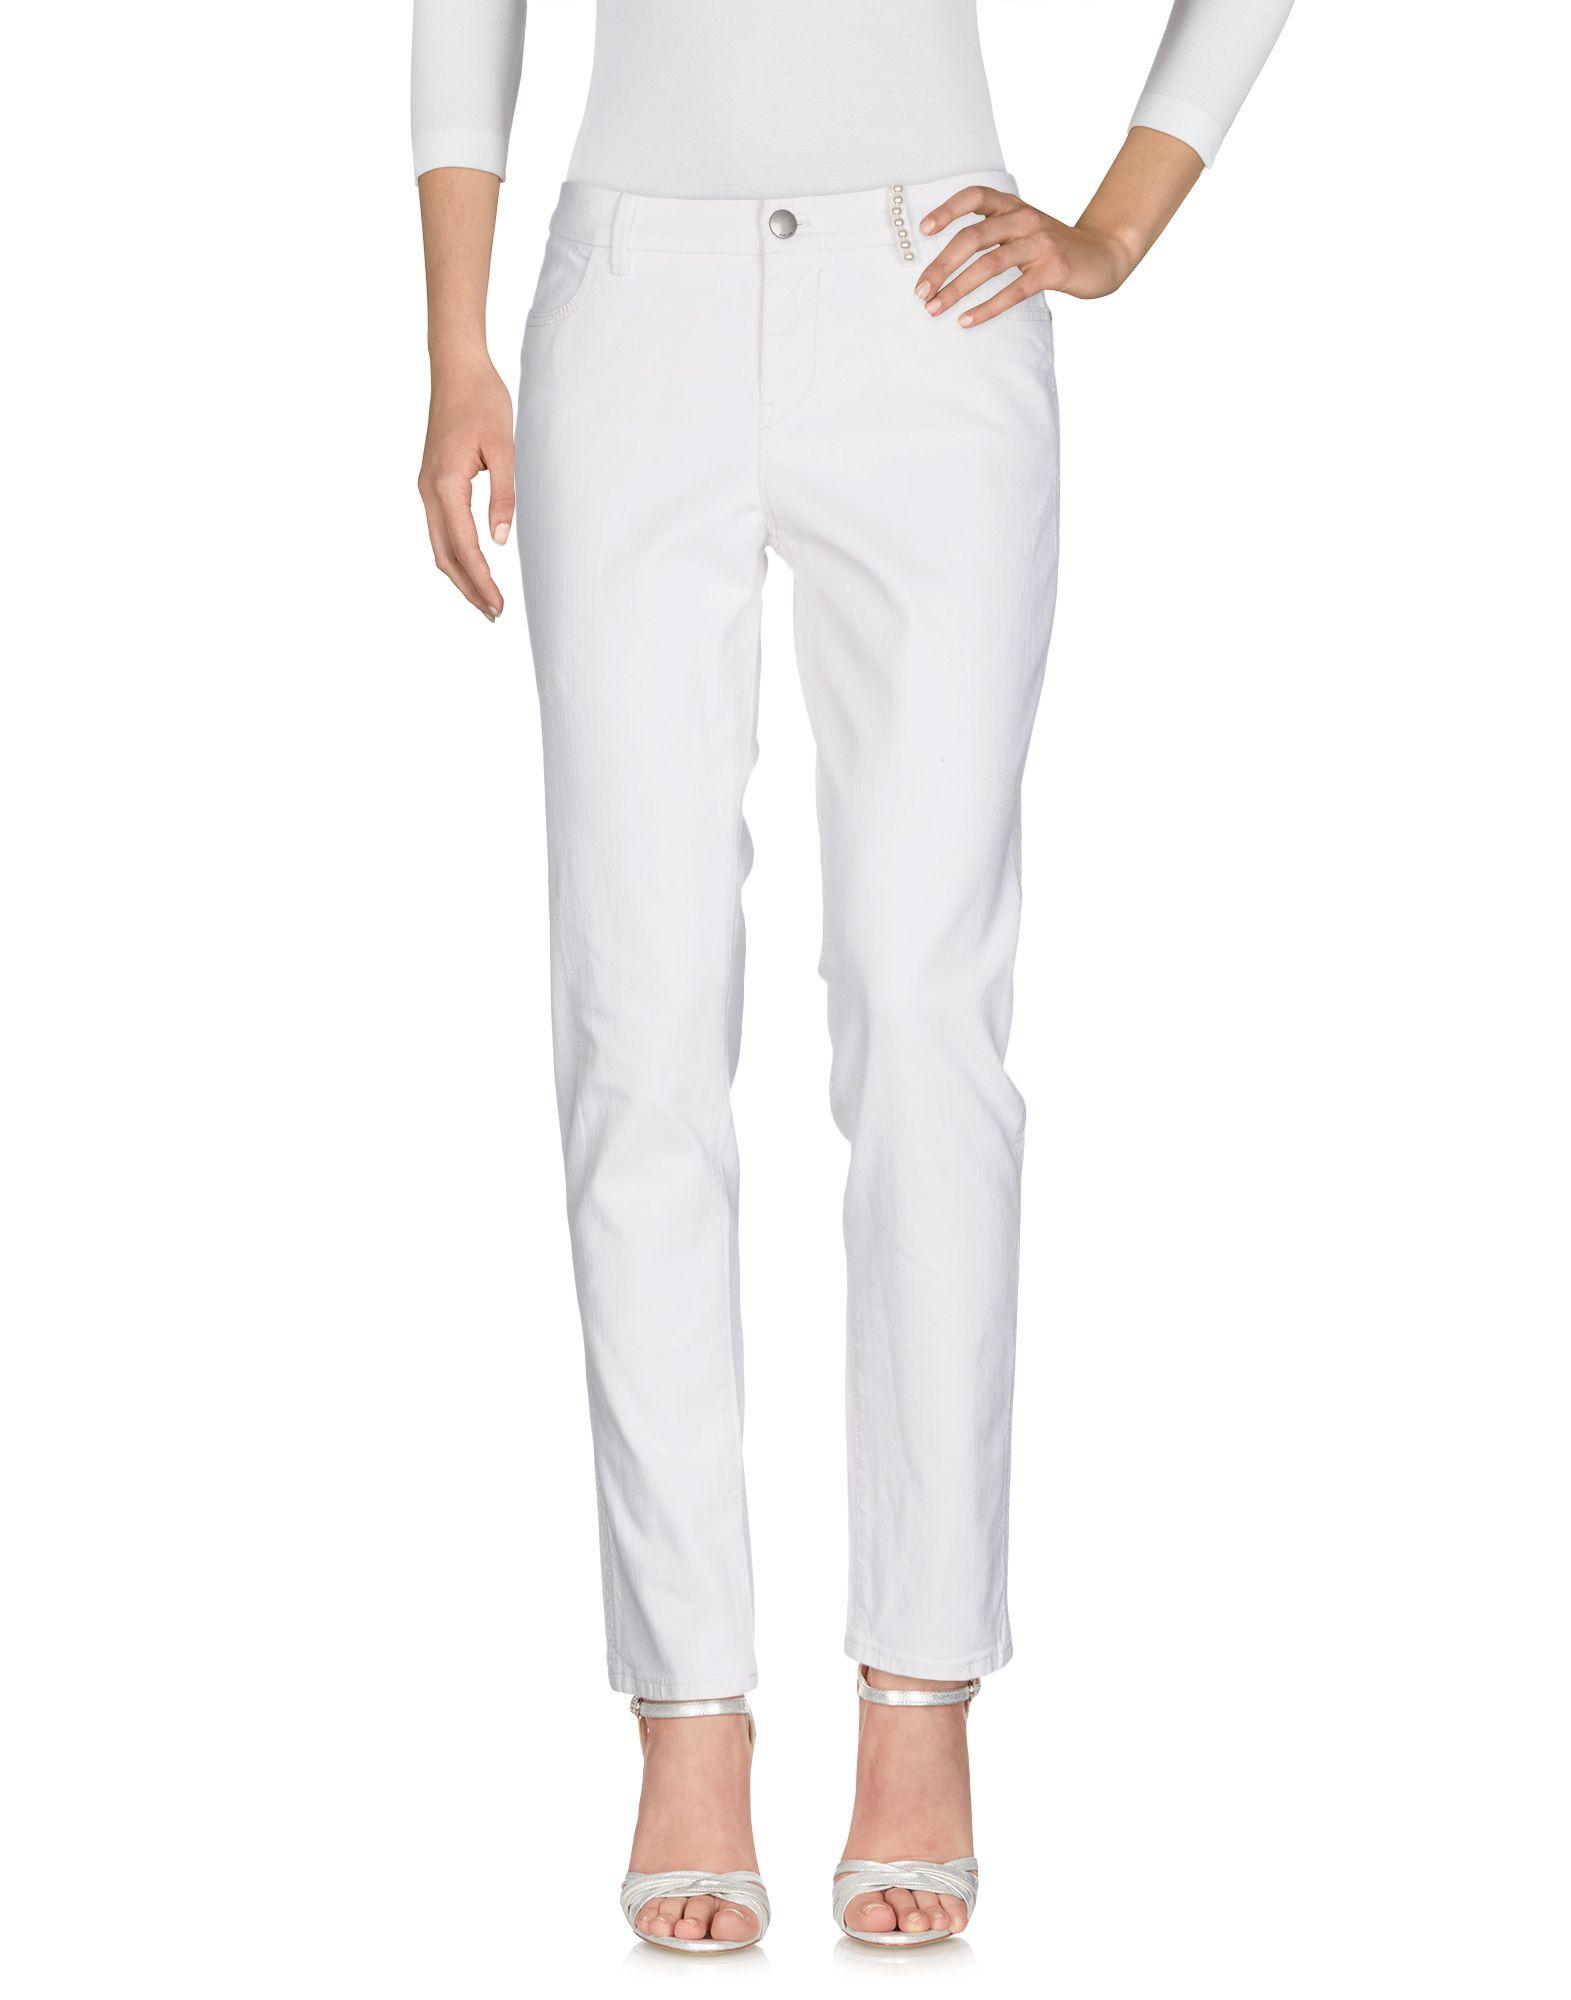 MARC CAIN Джинсовые брюки легкий сарафан на бретелях marc cain платья и сарафаны мини короткие